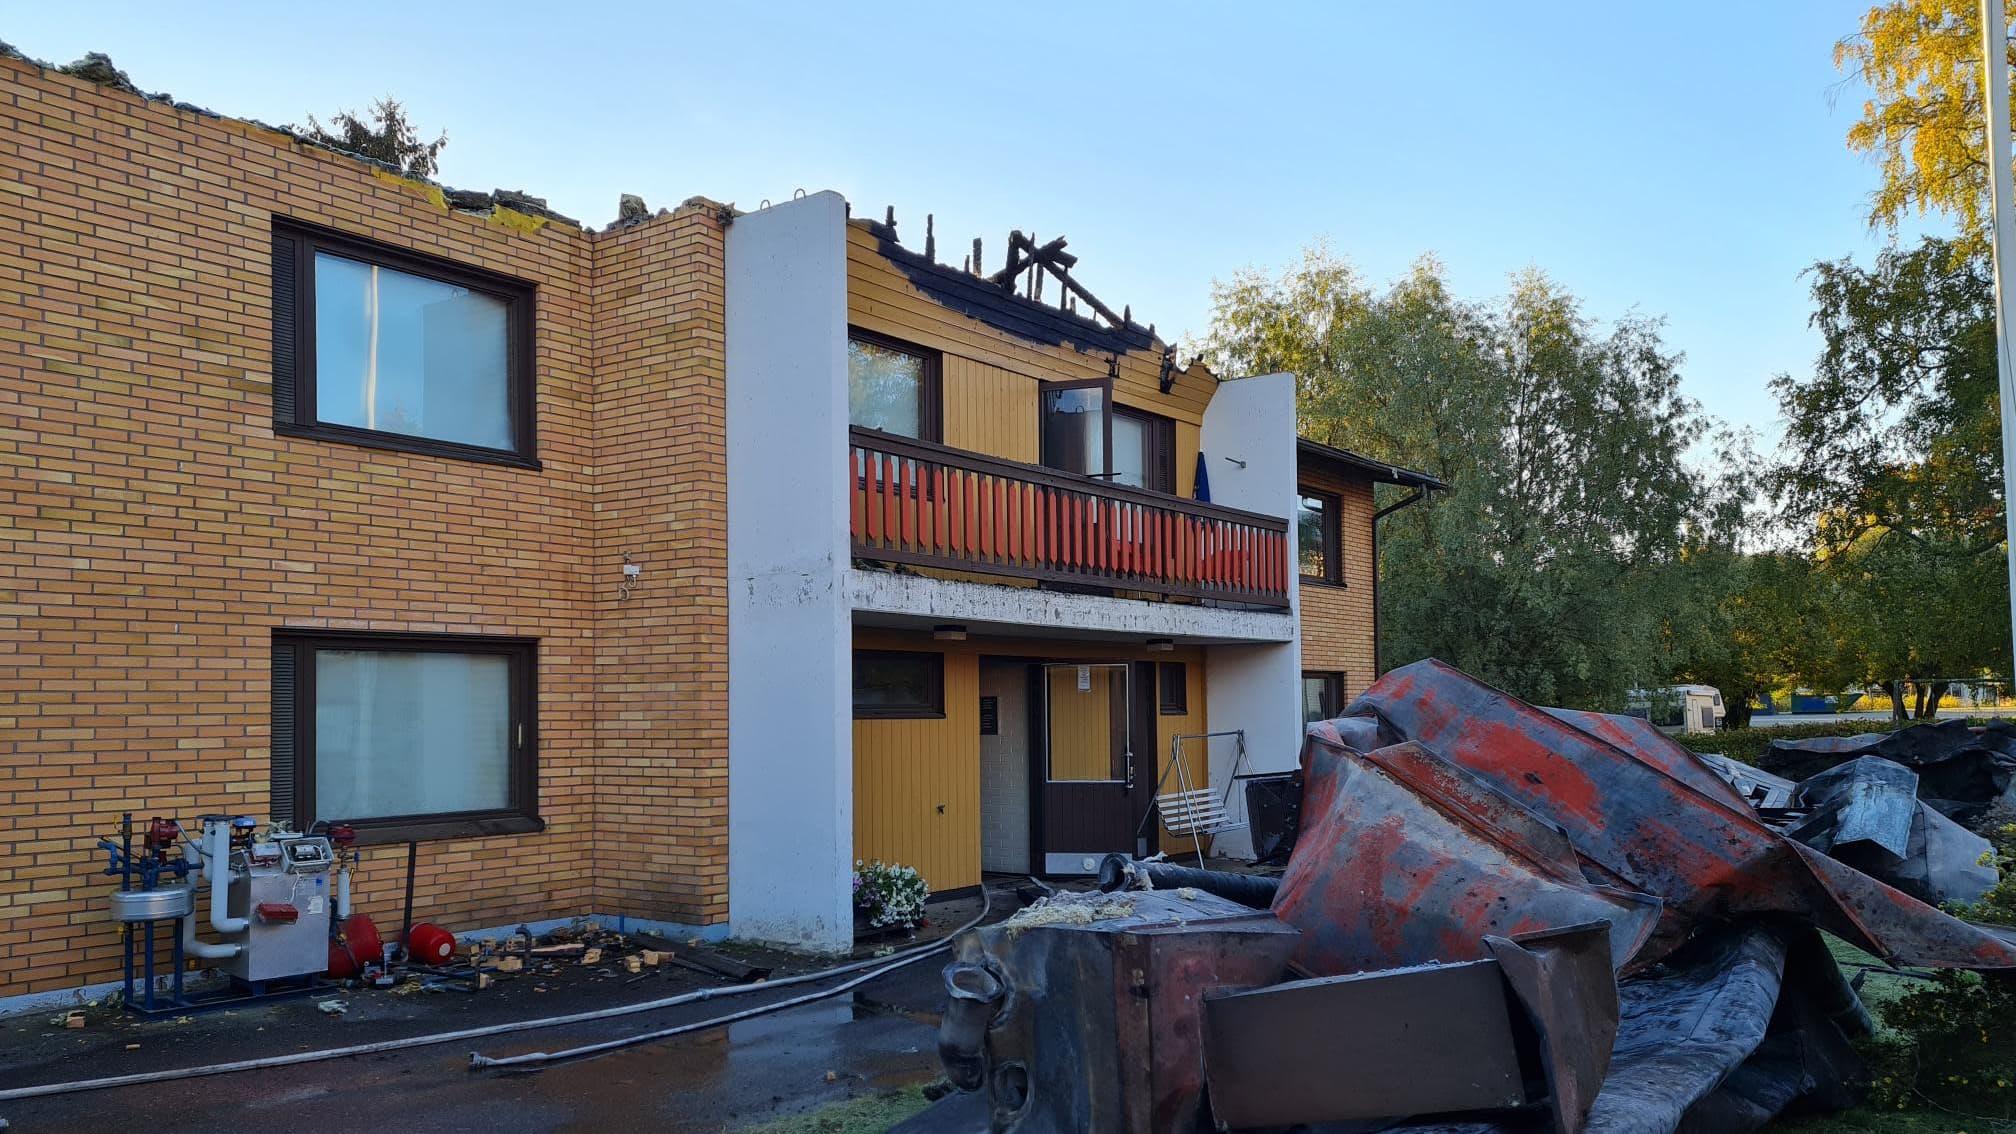 Rantasalmen kirkonkylässä ositteessa Siilinkuja kerrostalo paloi pahoin syyskuussa 2021.